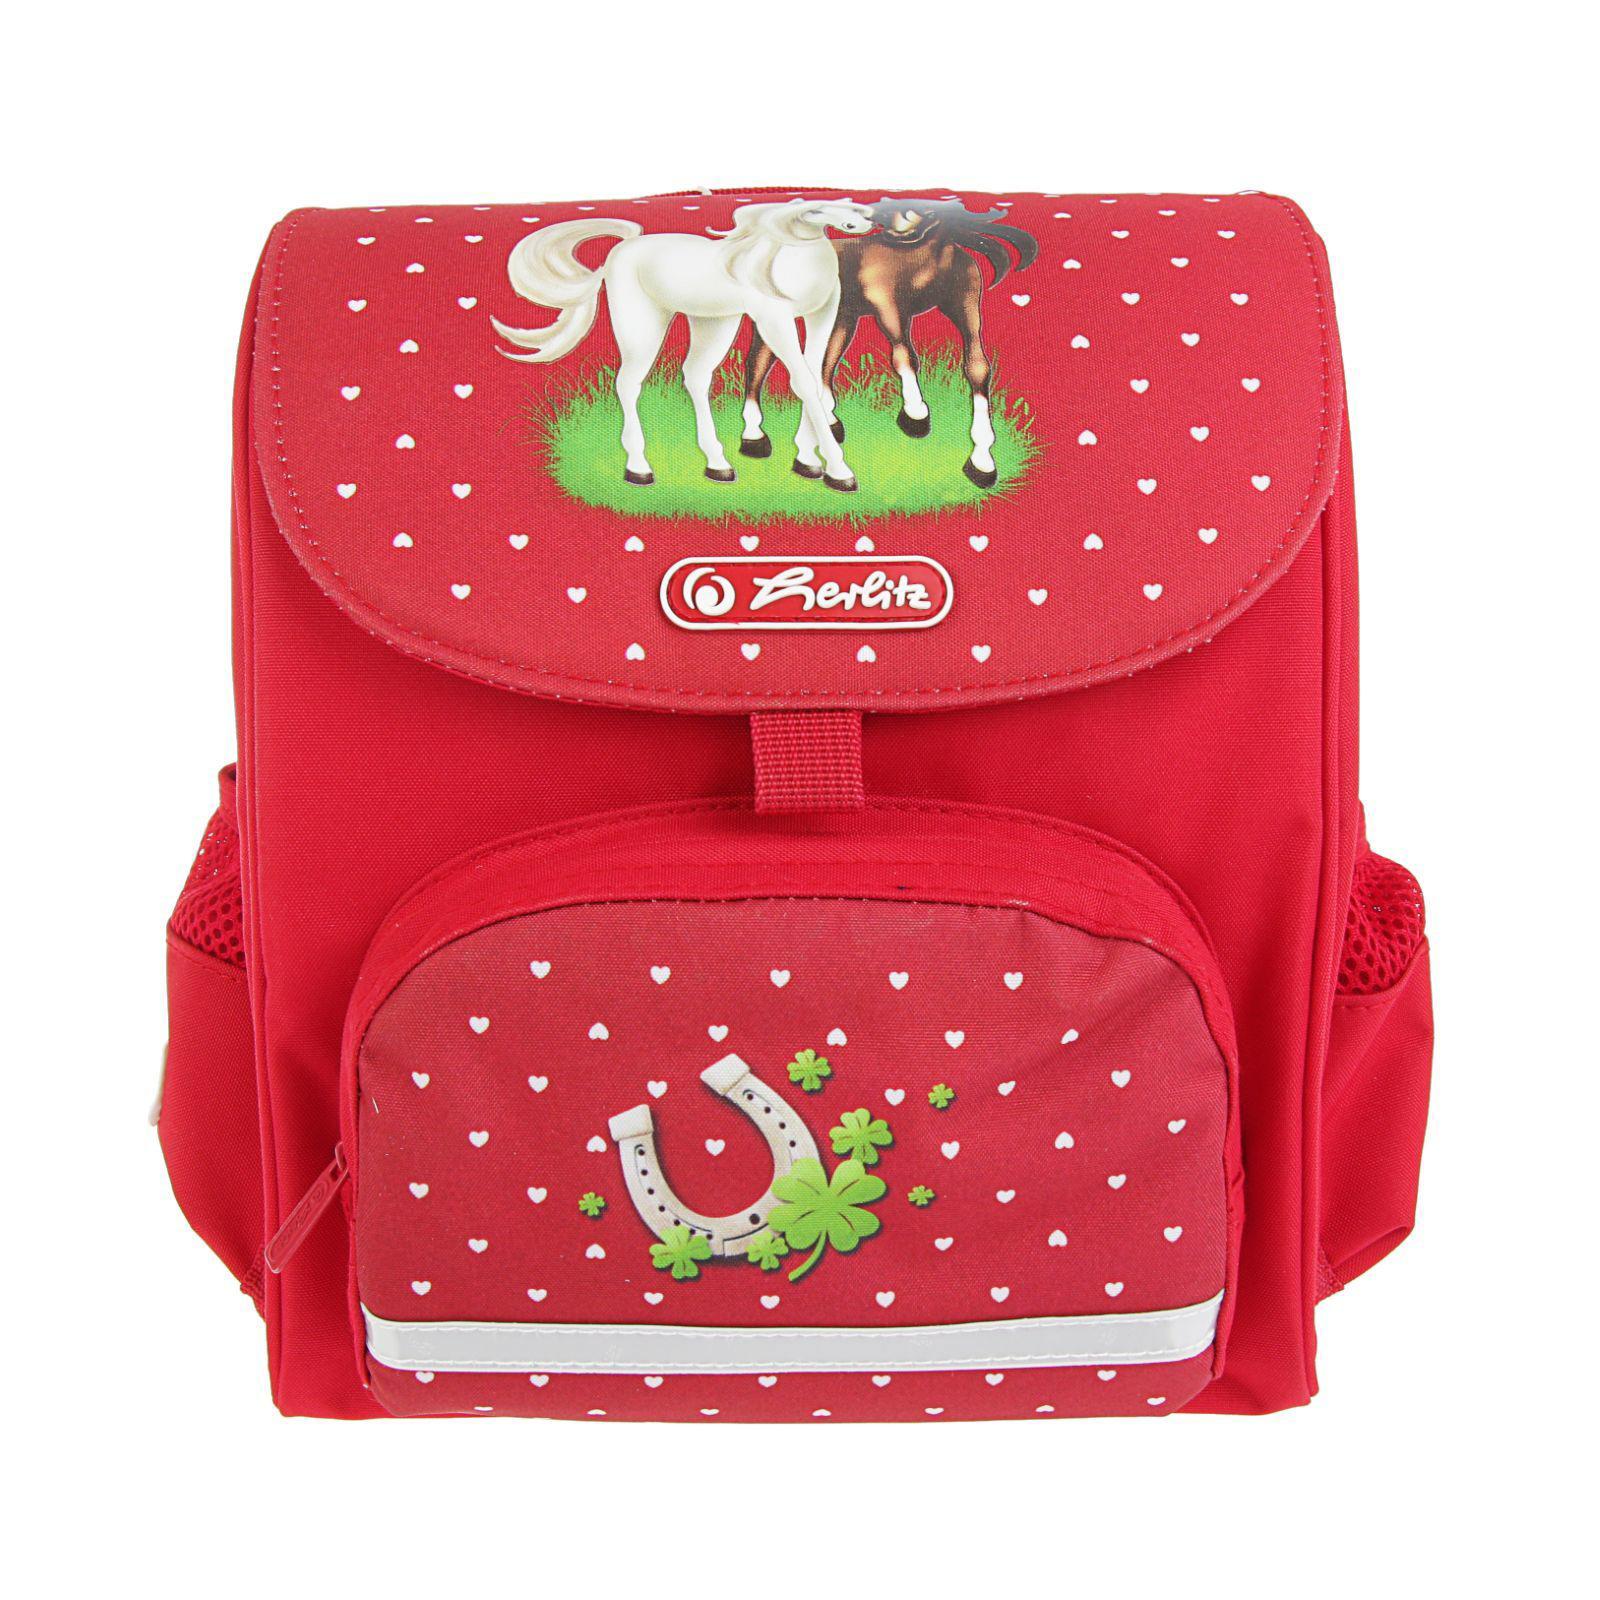 Ранец дошкольный Mini Softbag - Horses, без наполненияДетские рюкзаки<br>Ранец дошкольный Mini Softbag - Horses, без наполнения<br>